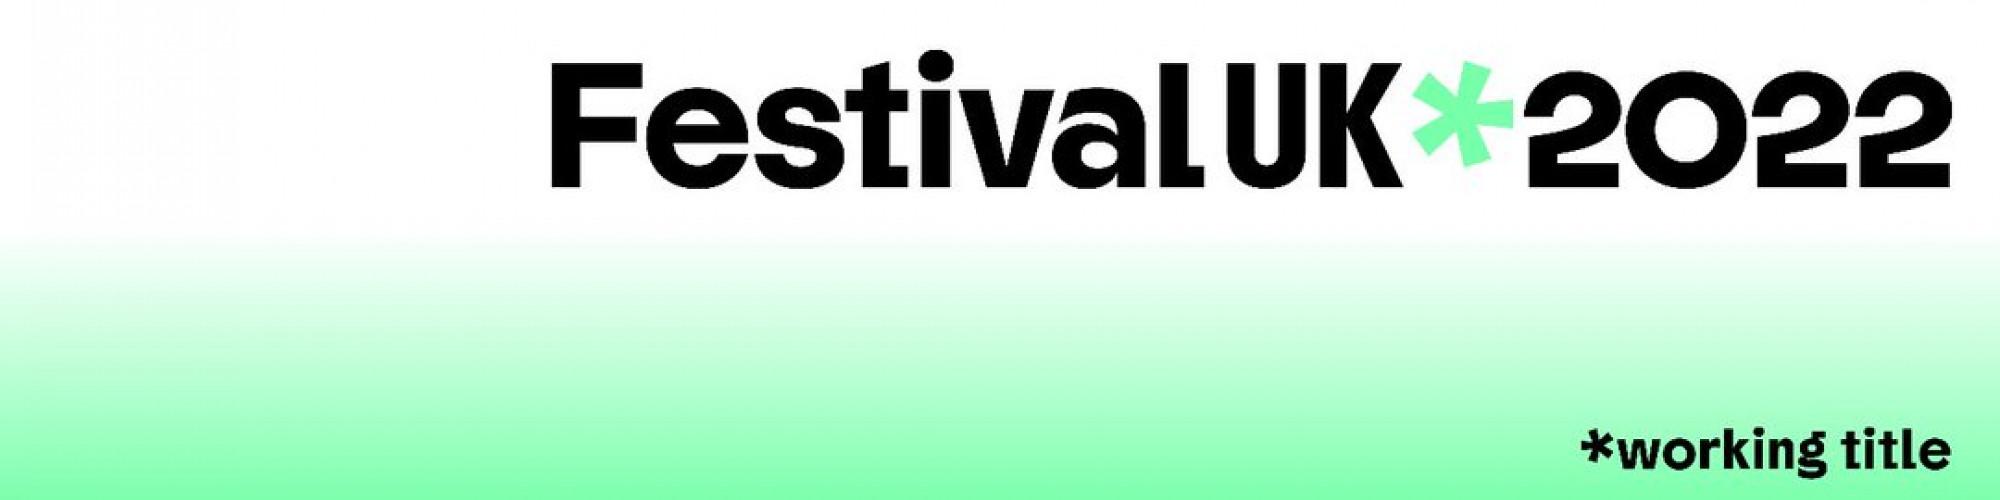 Festival UK*2022